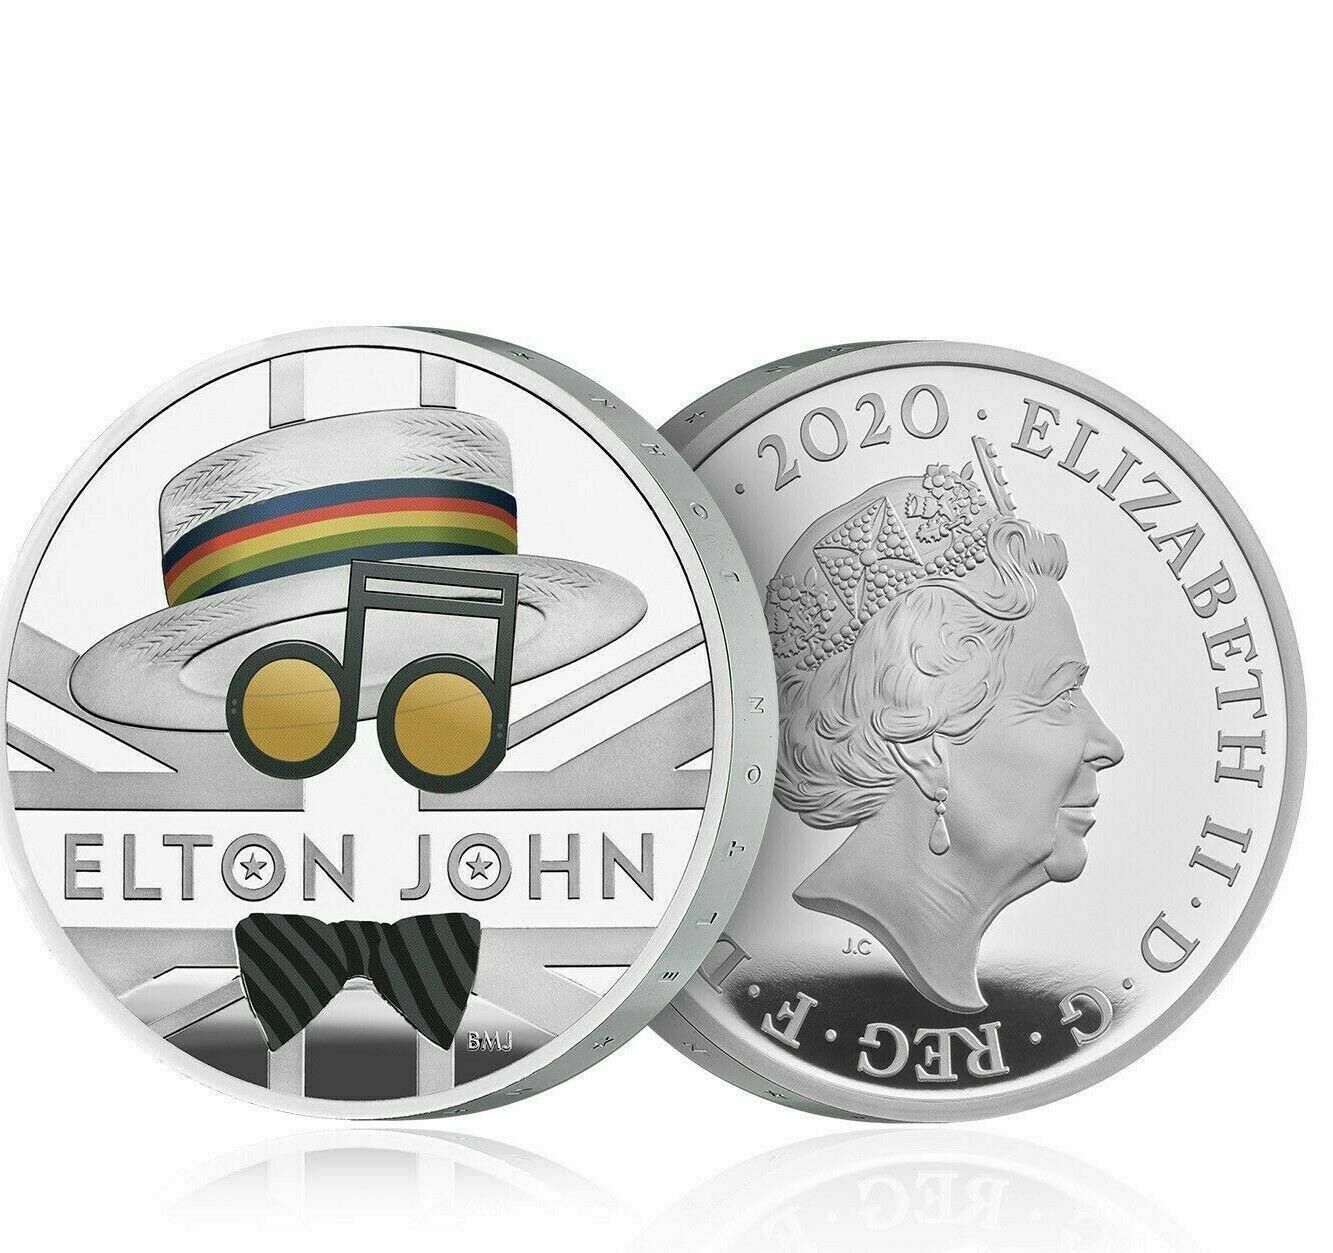 Støíbrná mince Elton John Music Legends 1 Oz Silver Coin proof 2 Pounds United Kingdom 2020 - zvìtšit obrázek